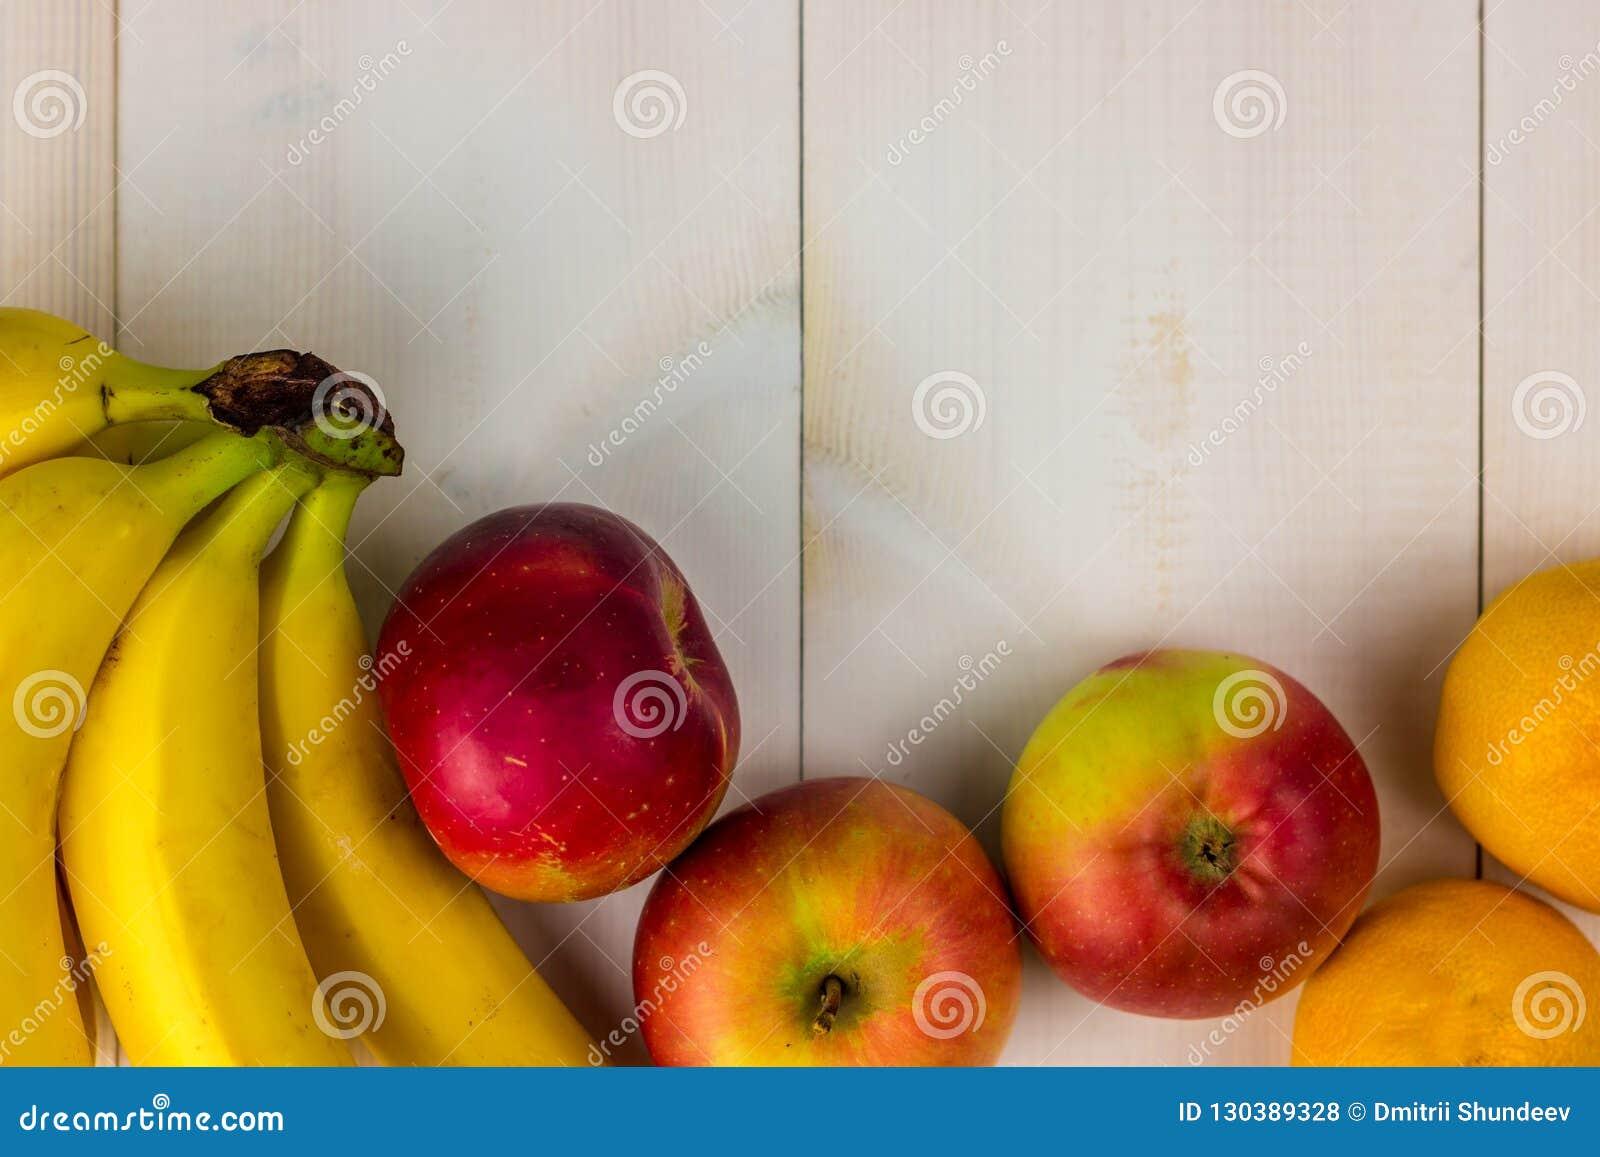 BANNER, Lange Formaat Kleurrijke vruchten op de witte houten lijst, Bananen, carambola, mango, papaja, rambutan mandarin, Pamela,